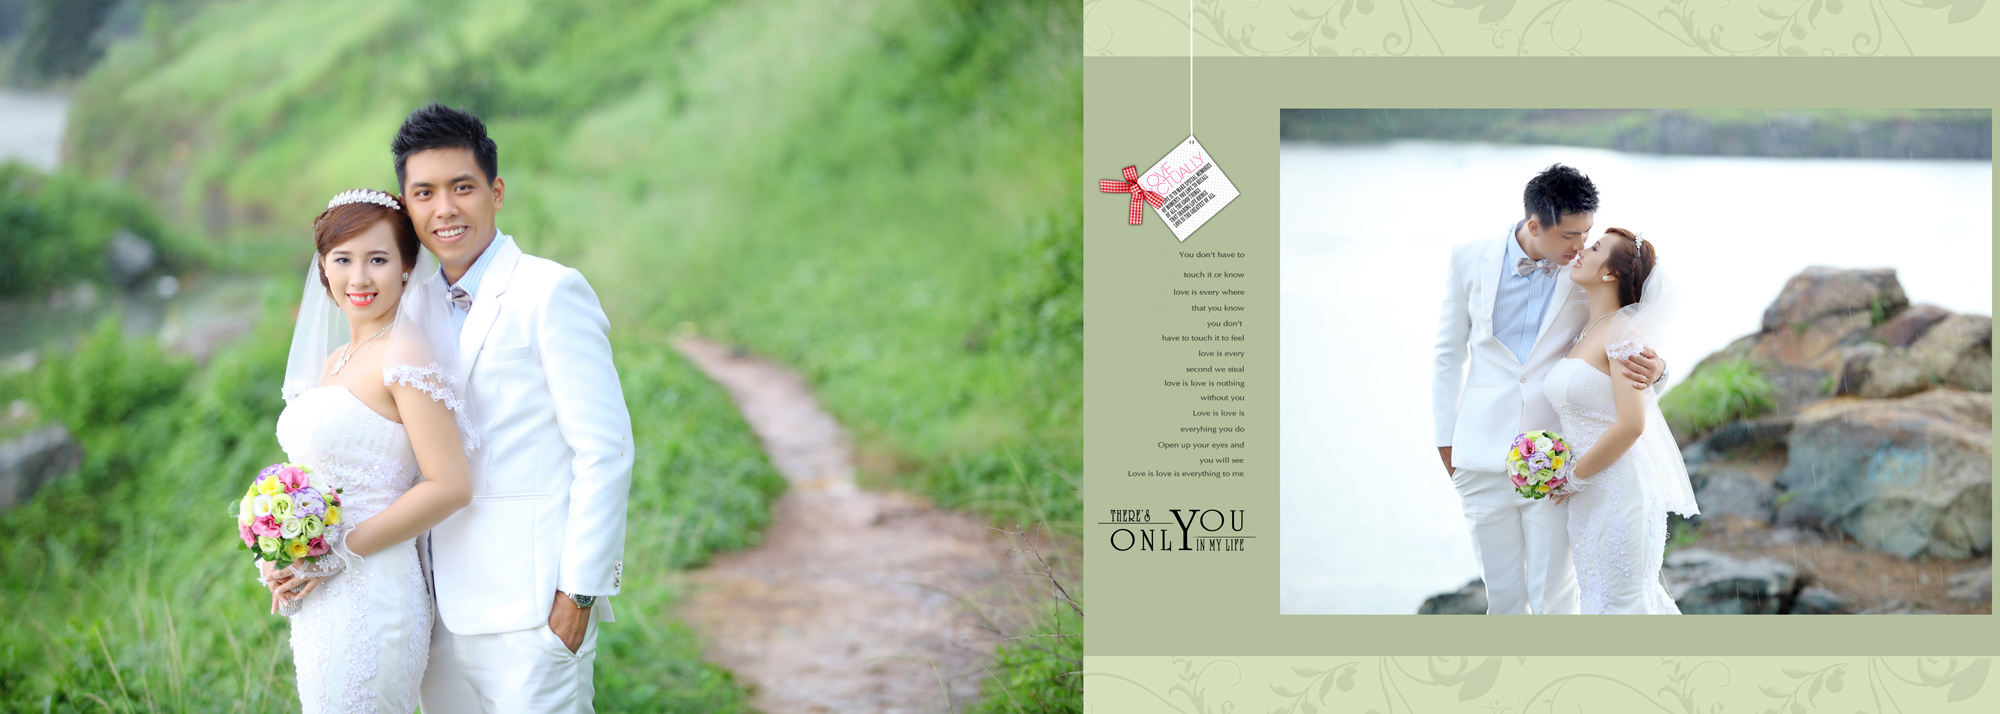 Album chụp hình cưới Quang và Thủy 12